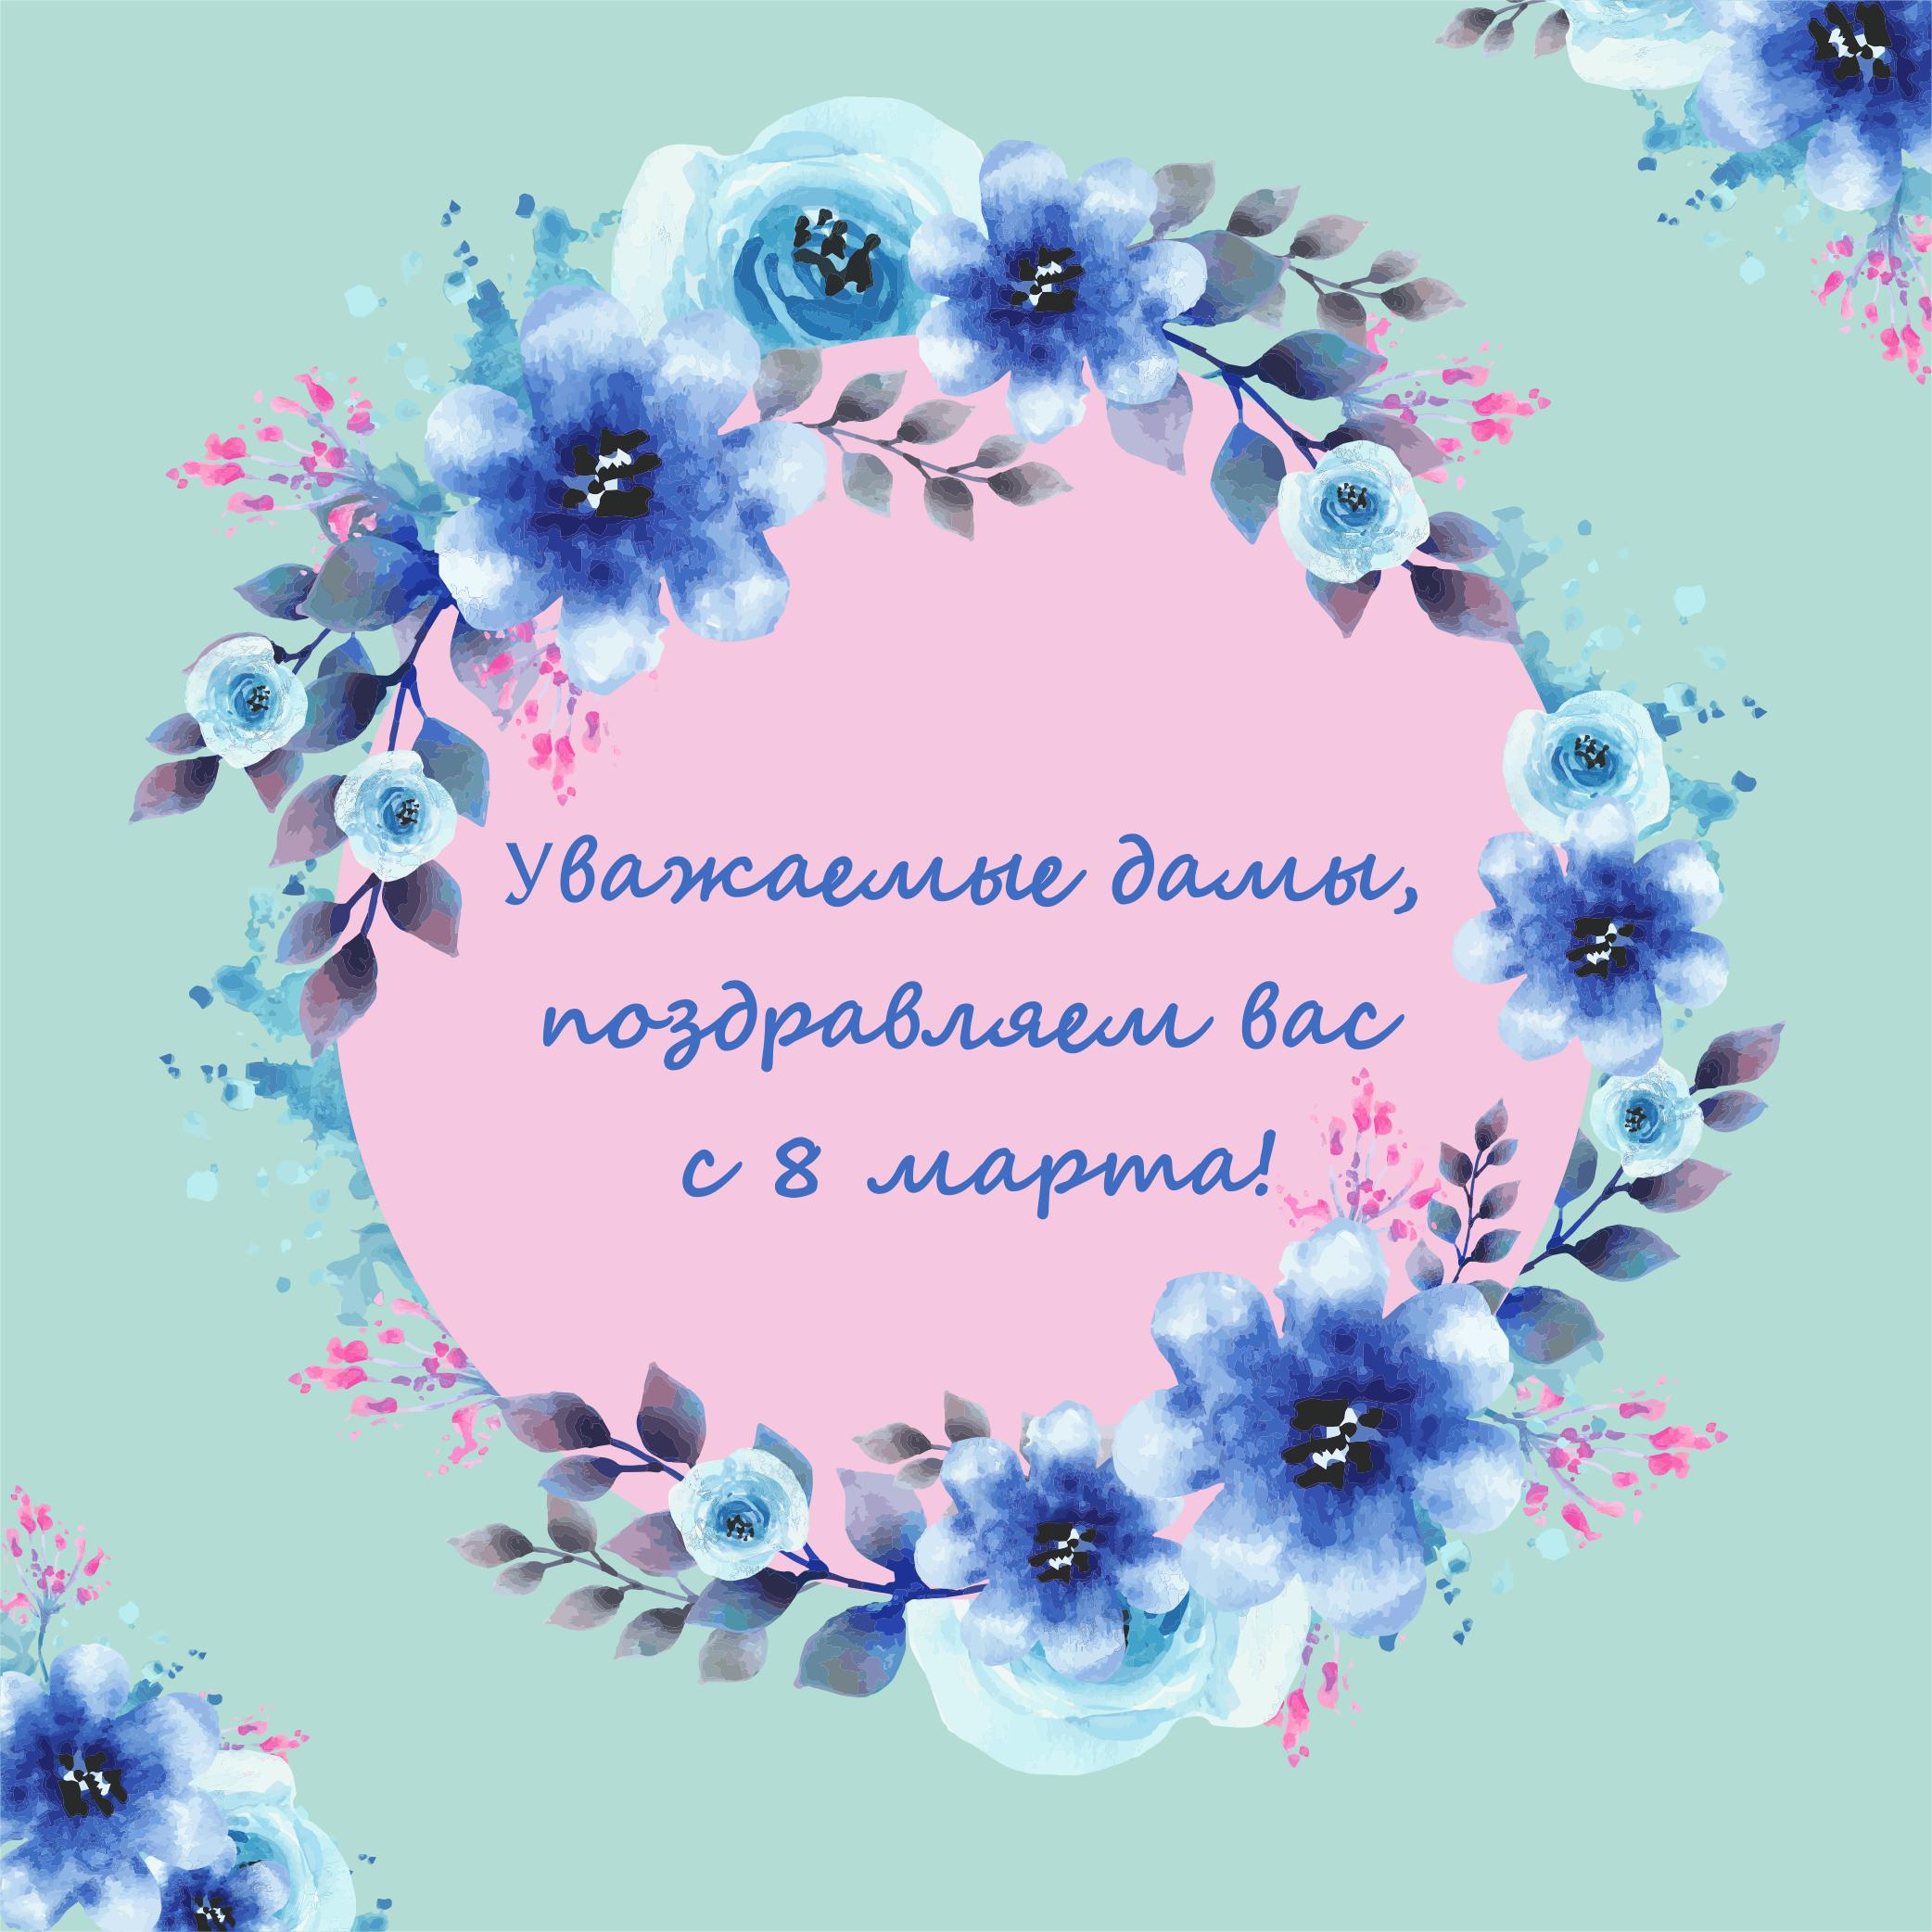 Уважаемые дамы, поздравляем вас с 8 марта!